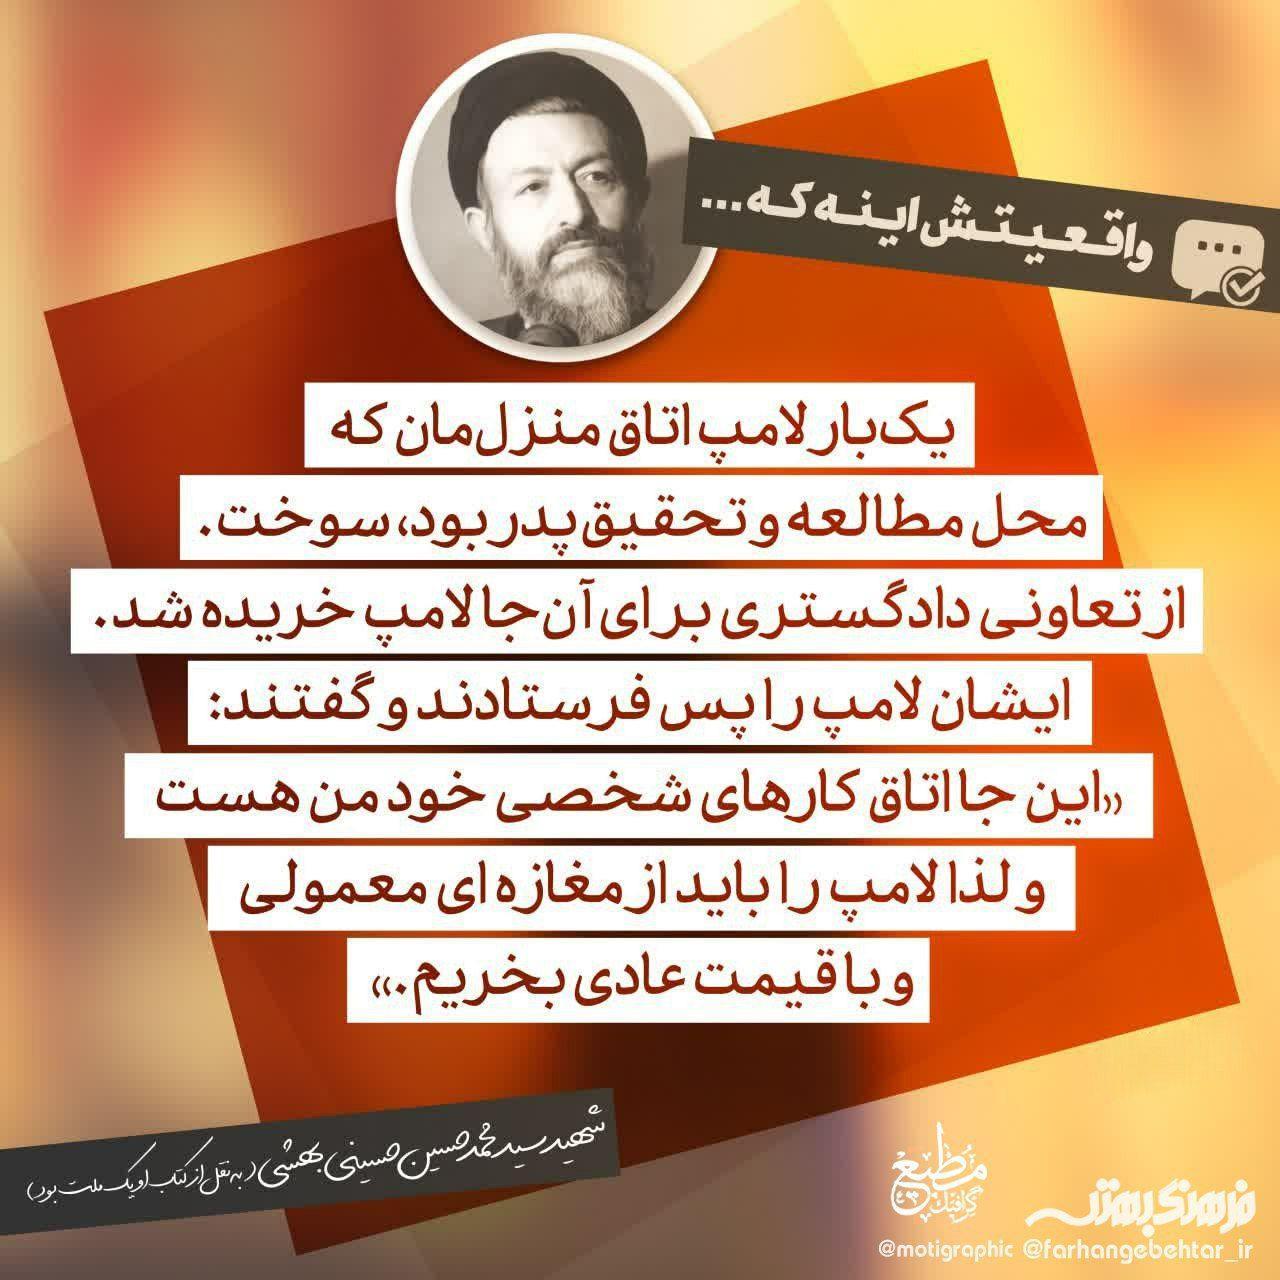 لامپ خانه دکتر بهشتی-اویک ملت بود